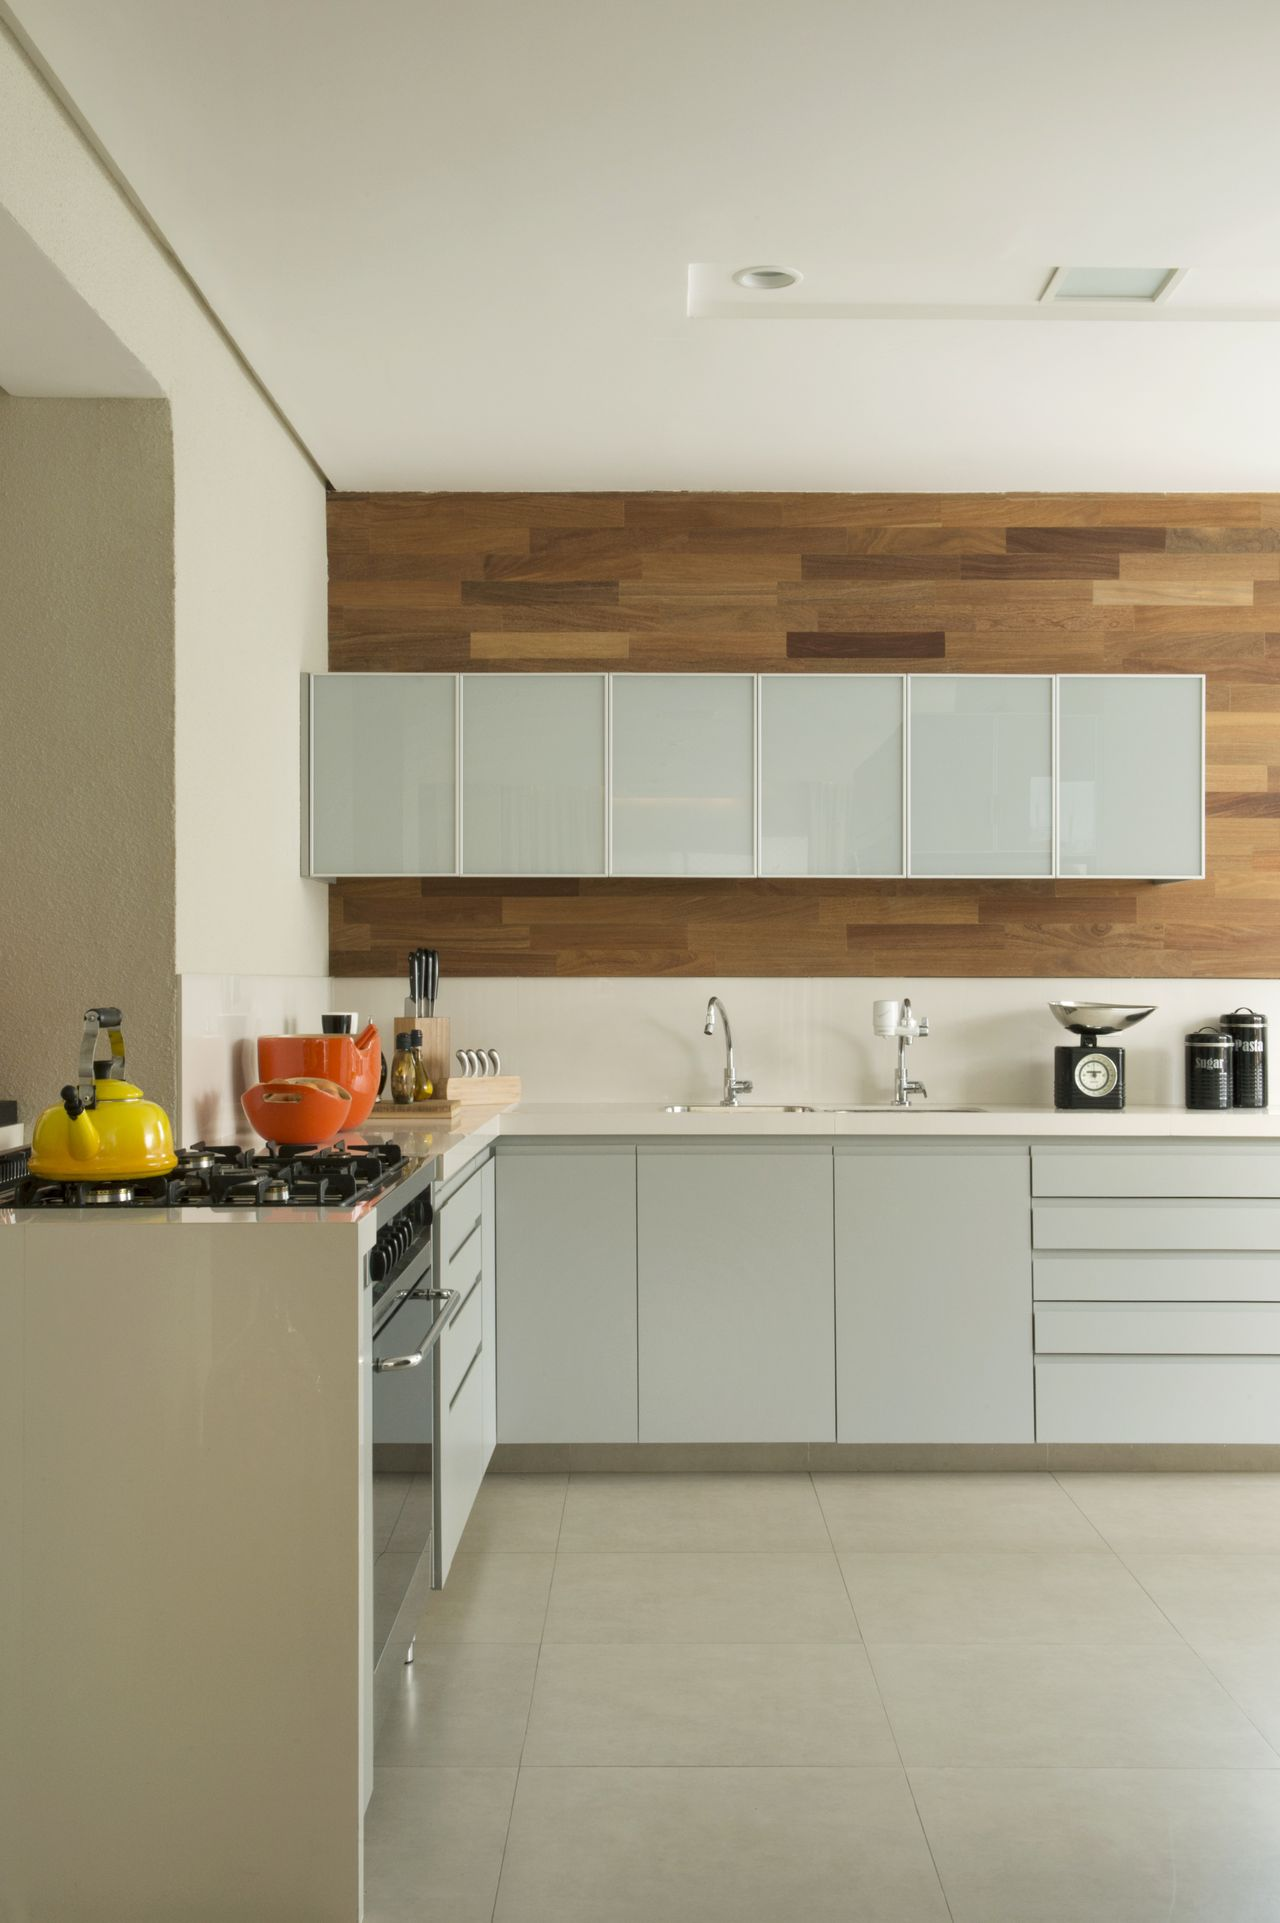 Cozinha Moderna Com Painel De Madeira De Cristina Lembi 138817 No